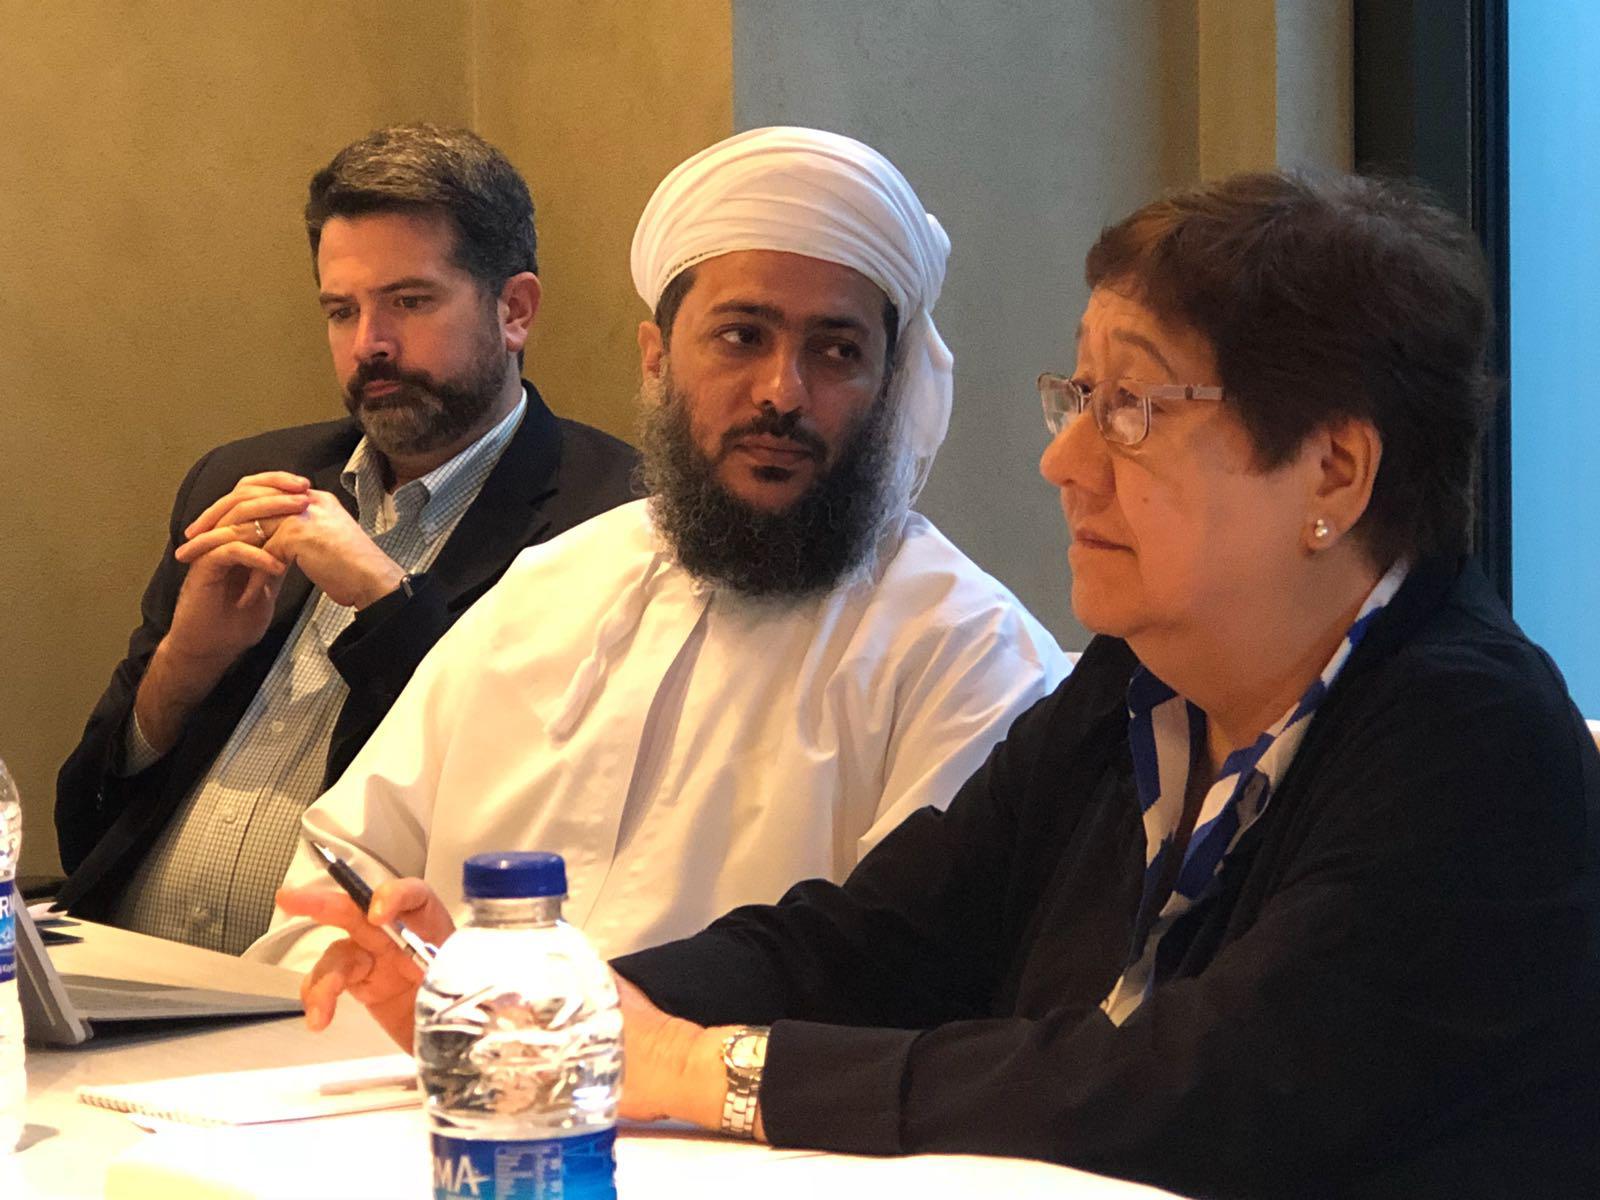 Michael Carrol, Khalid Al Muharrami, Concepcion Pijano